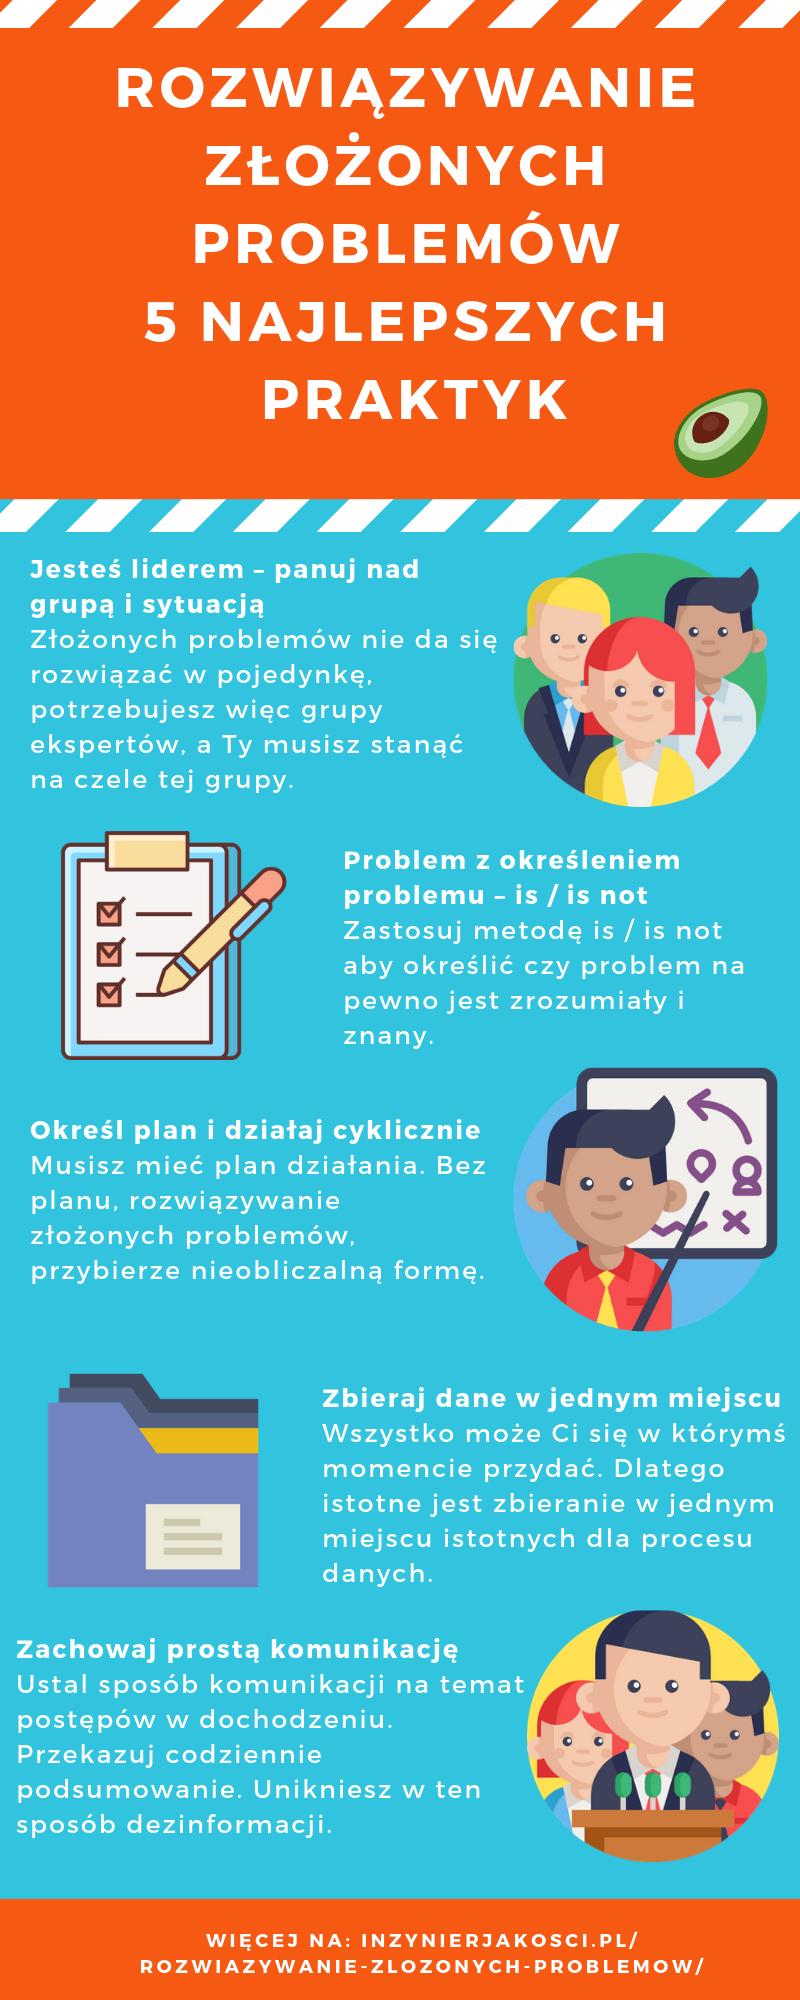 Rozwiązywanie złożonych problemów 5 najlepszych praktyk